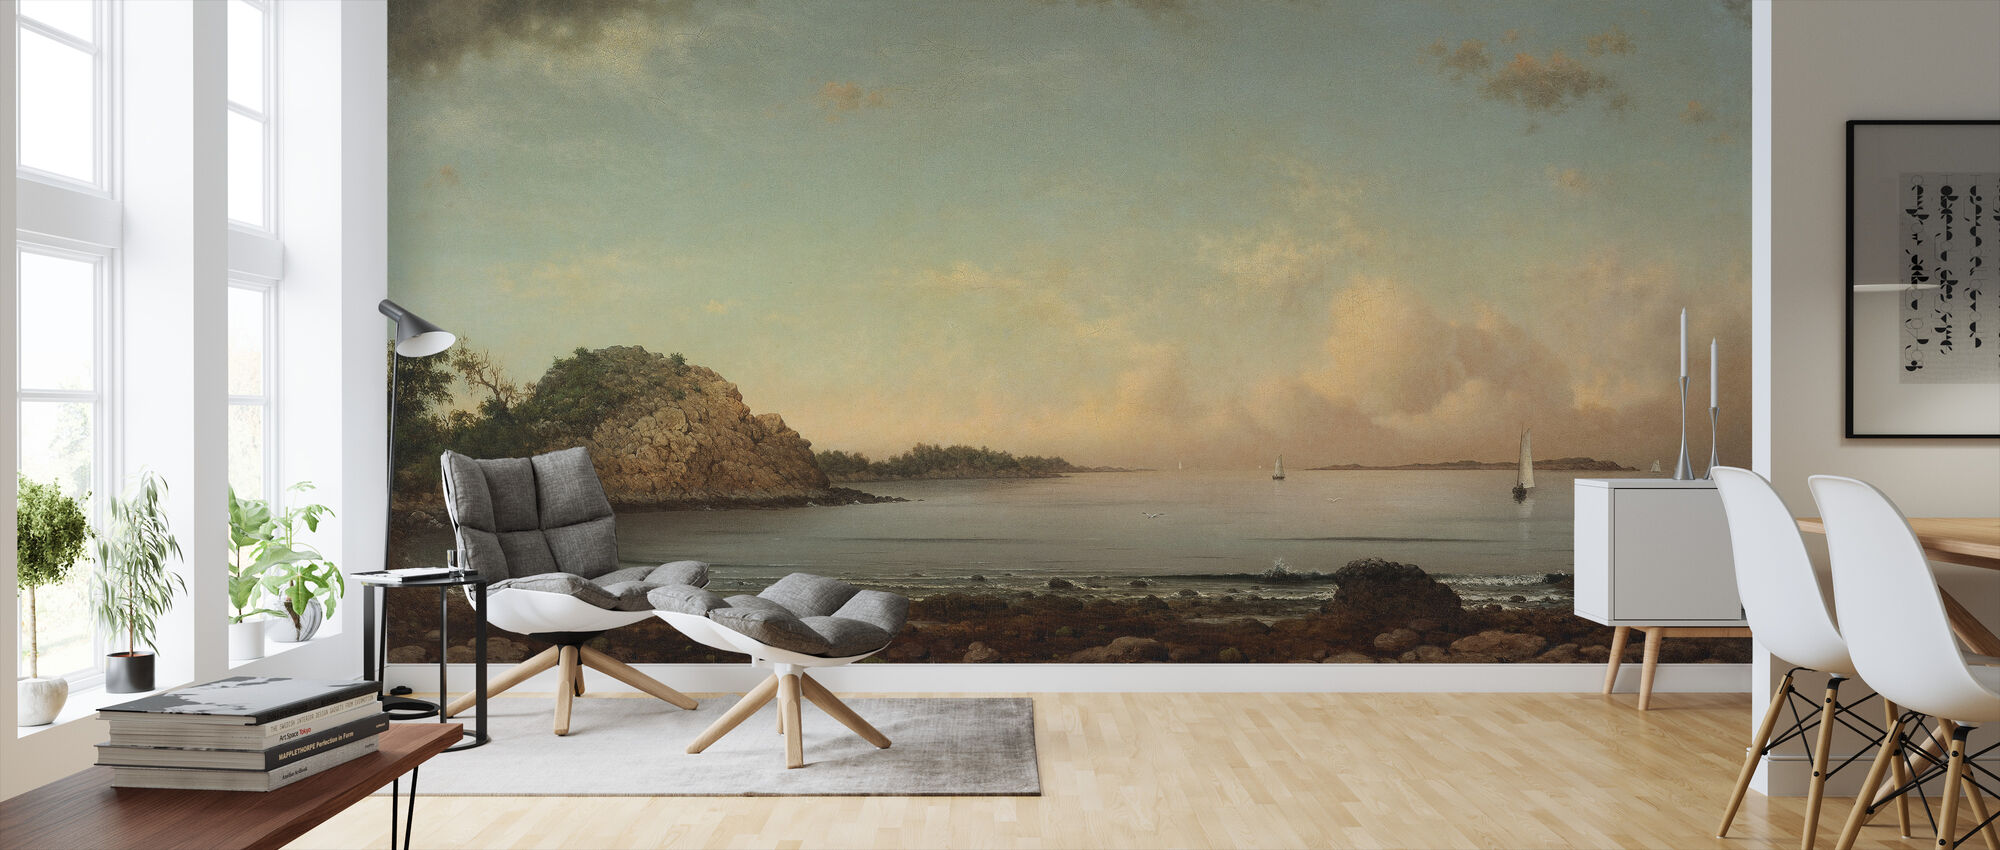 Singing Beach - Martin Johnson Heade - Wallpaper - Living Room